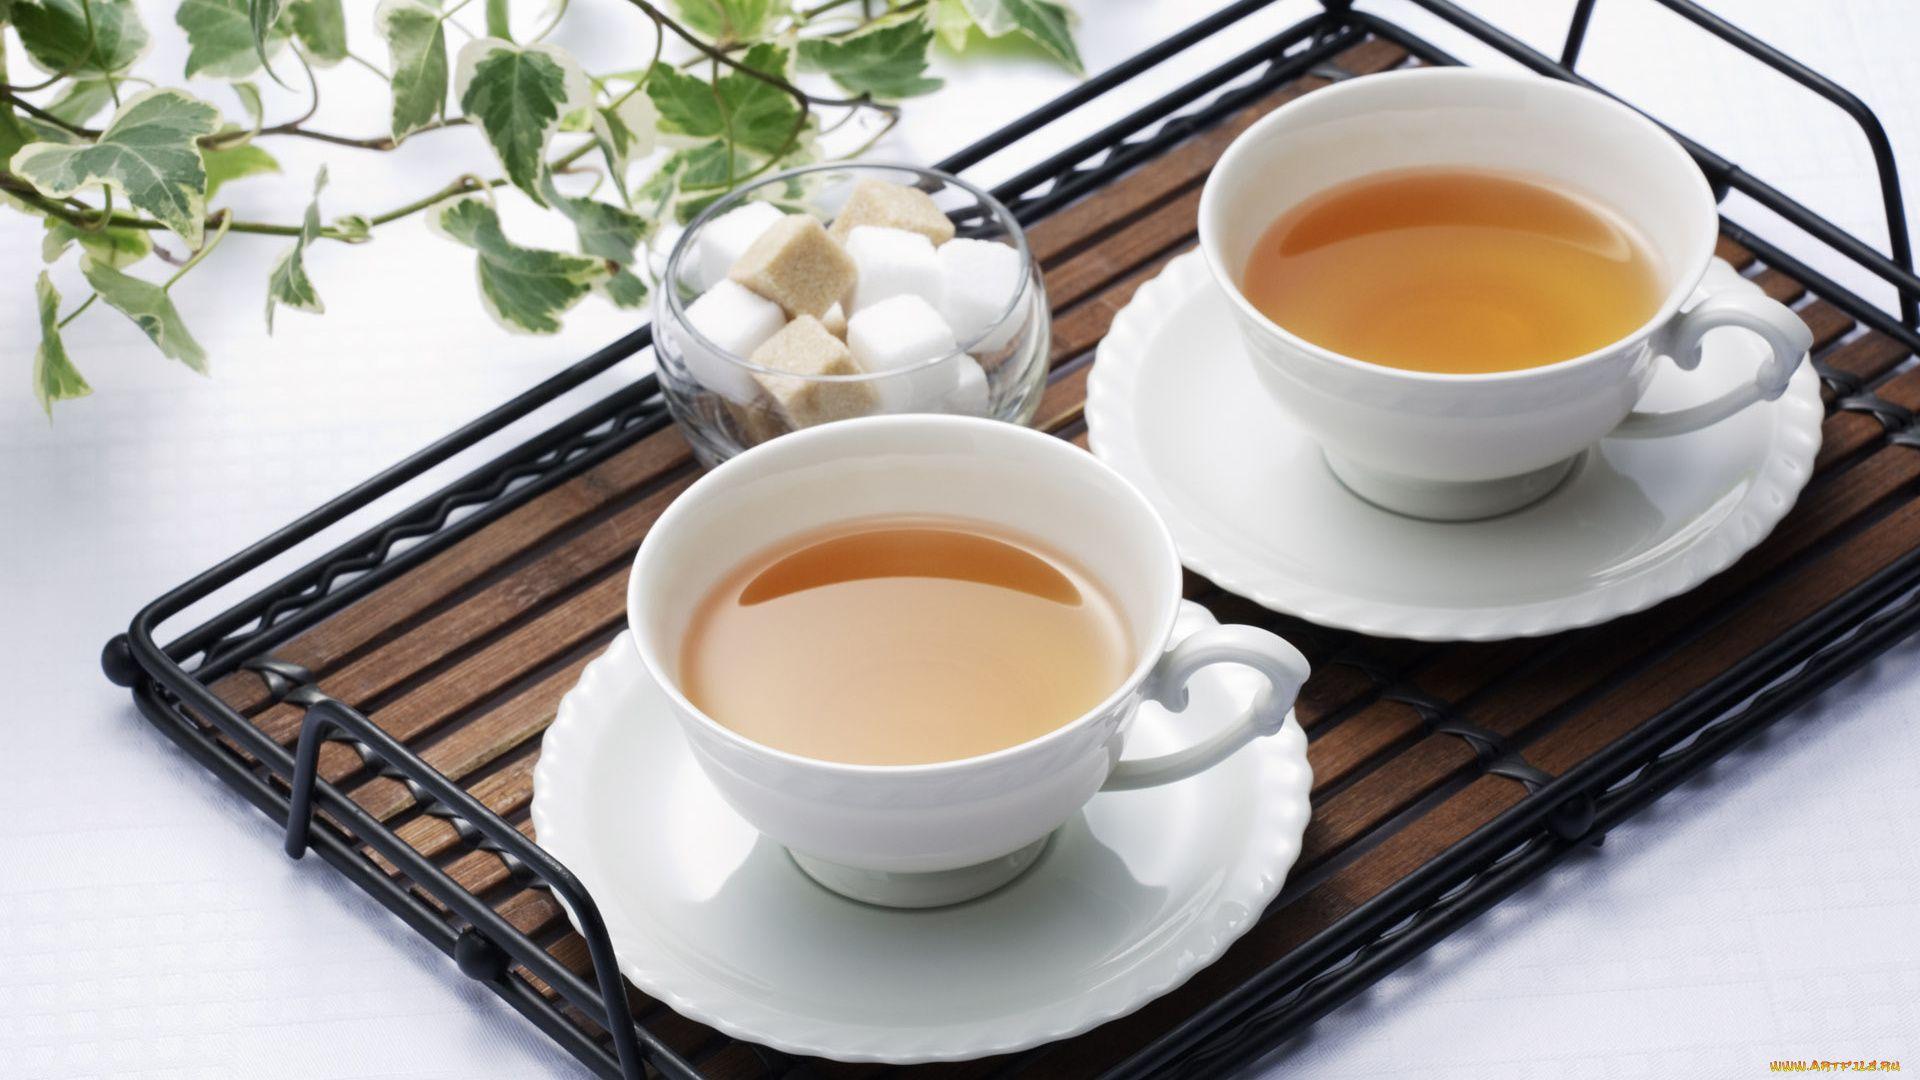 Tea wallpaper 1080p